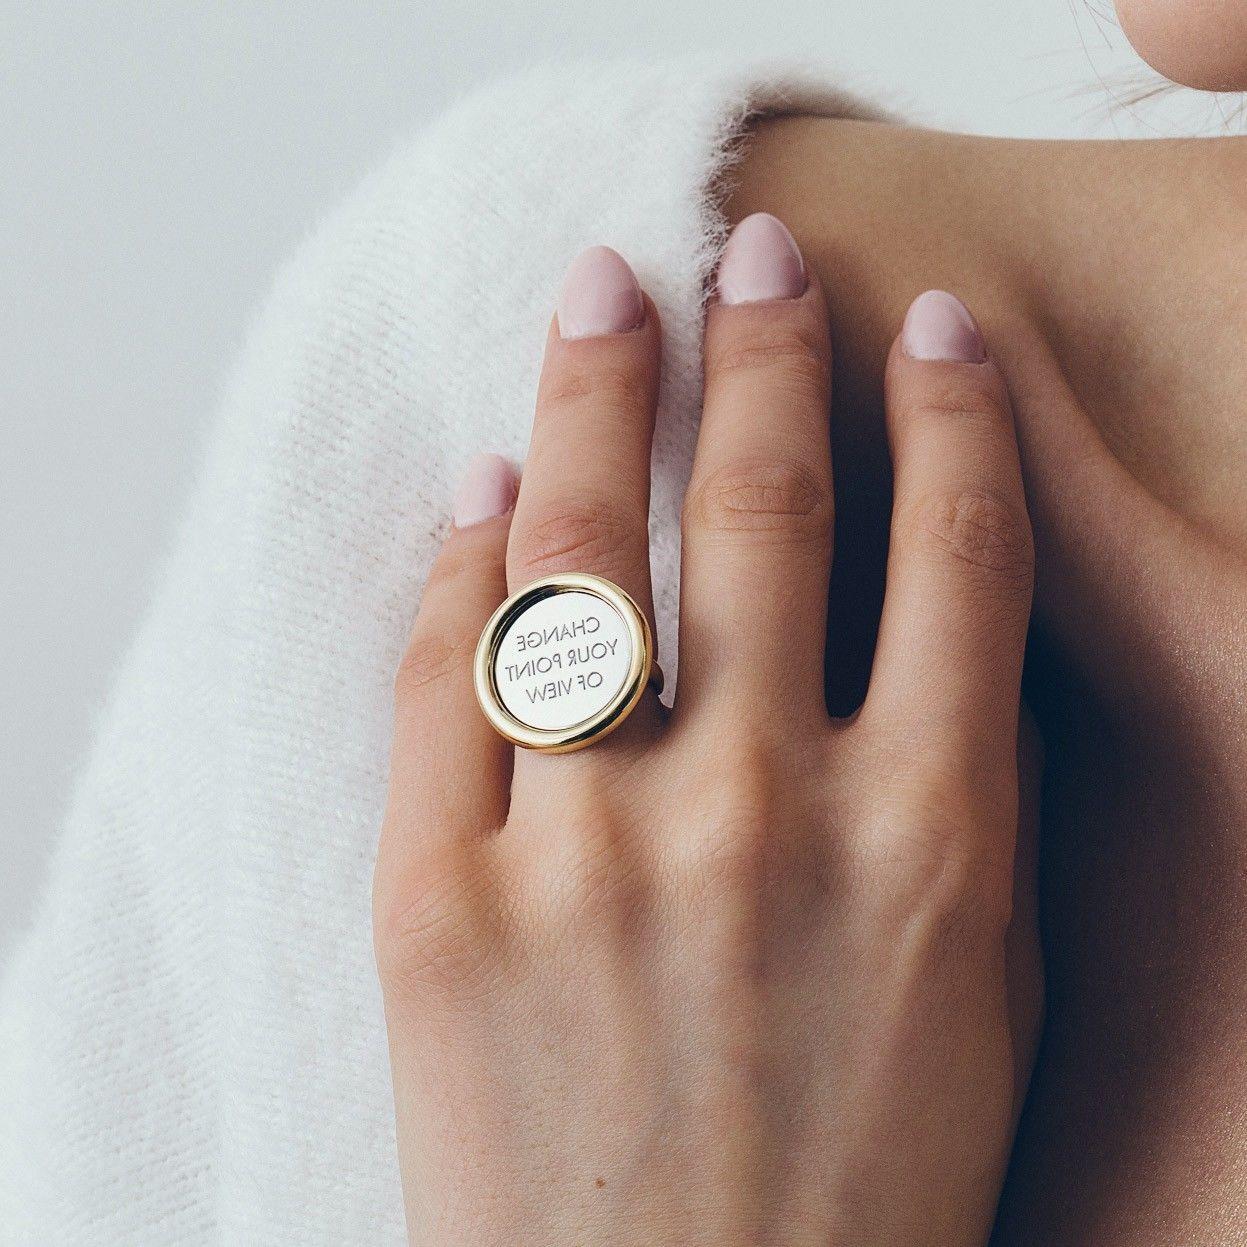 Srebrny pierścionek lustro, grawer, srebro 925 : ROZMIAR PIERŚCIONKA - 17 UK:R 18,00 MM, Srebro - kolor pokrycia - Pokrycie żółtym 18K złotem